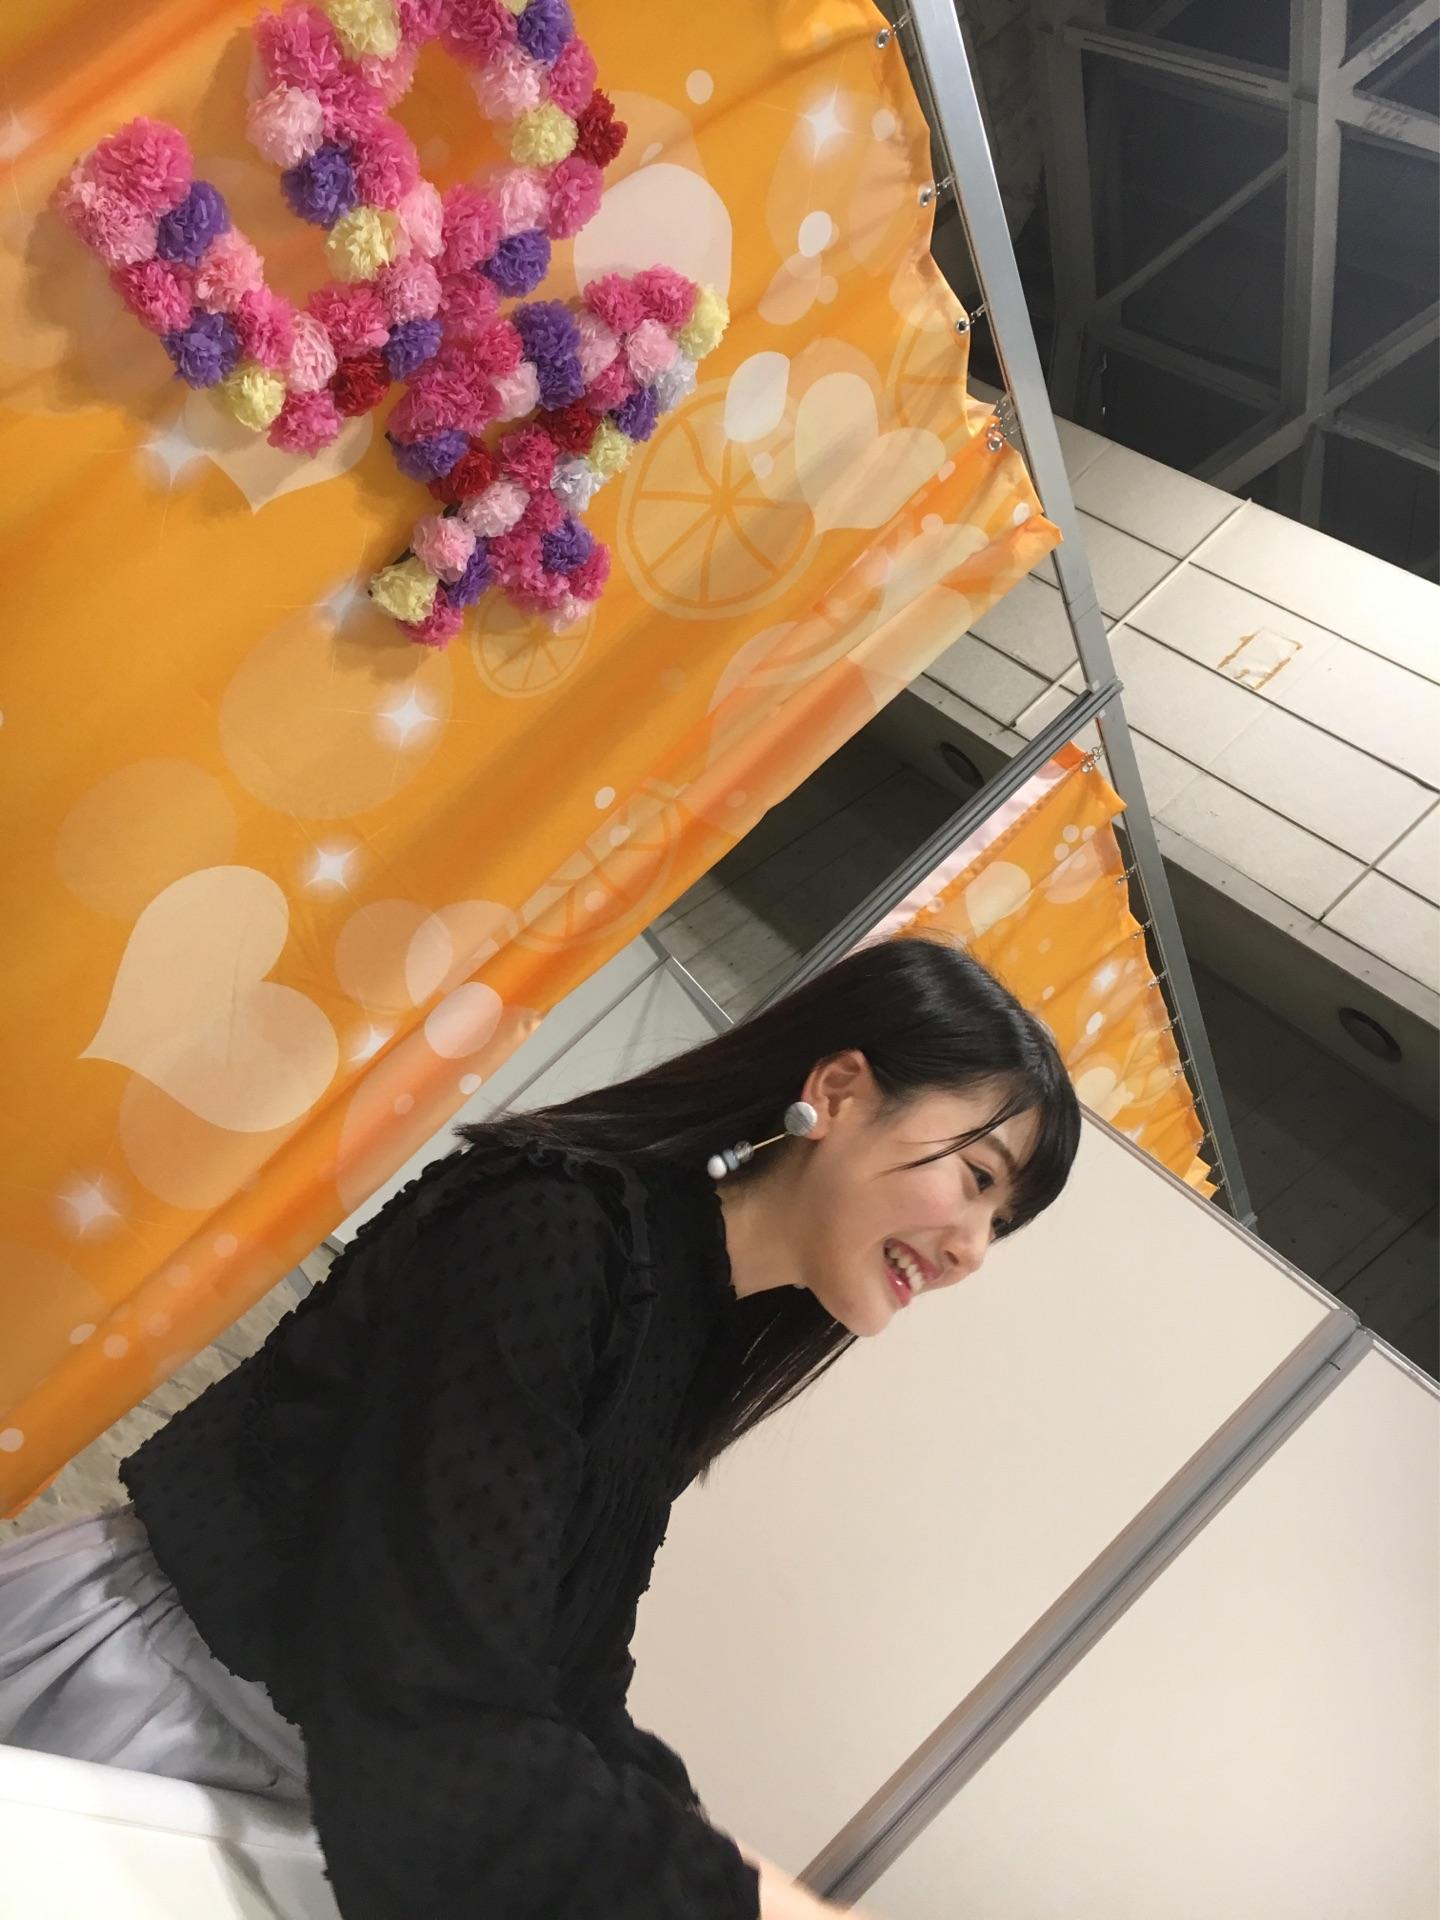 【HKT48】小田彩加応援スレ★3【4期生】©2ch.netYouTube動画>17本 ->画像>2822枚